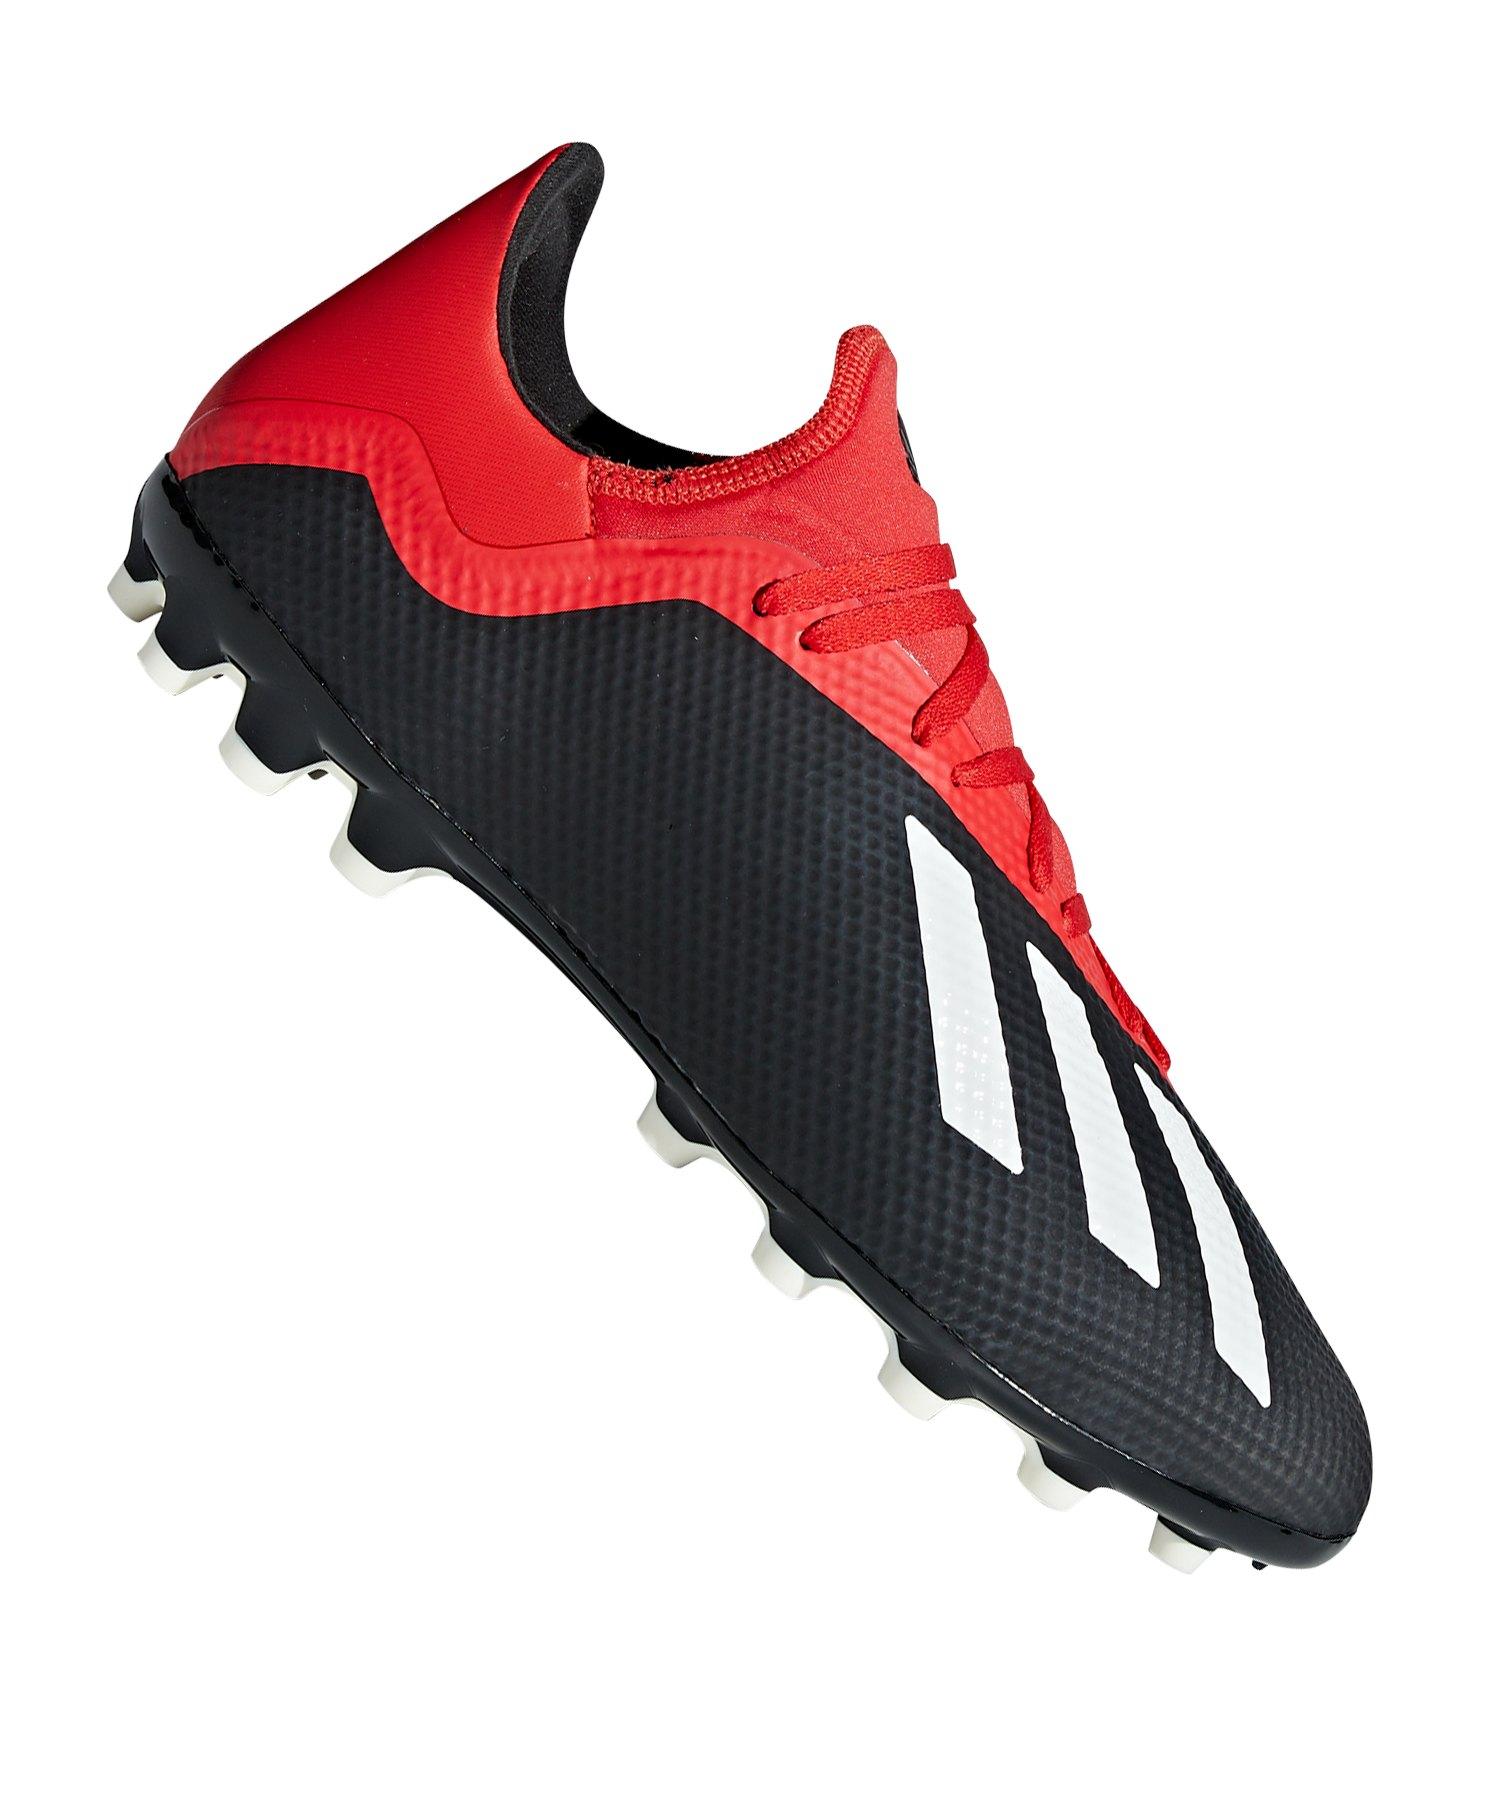 official photos 1a154 36000 adidas X 18.3 AG Schwarz Rot - schwarz